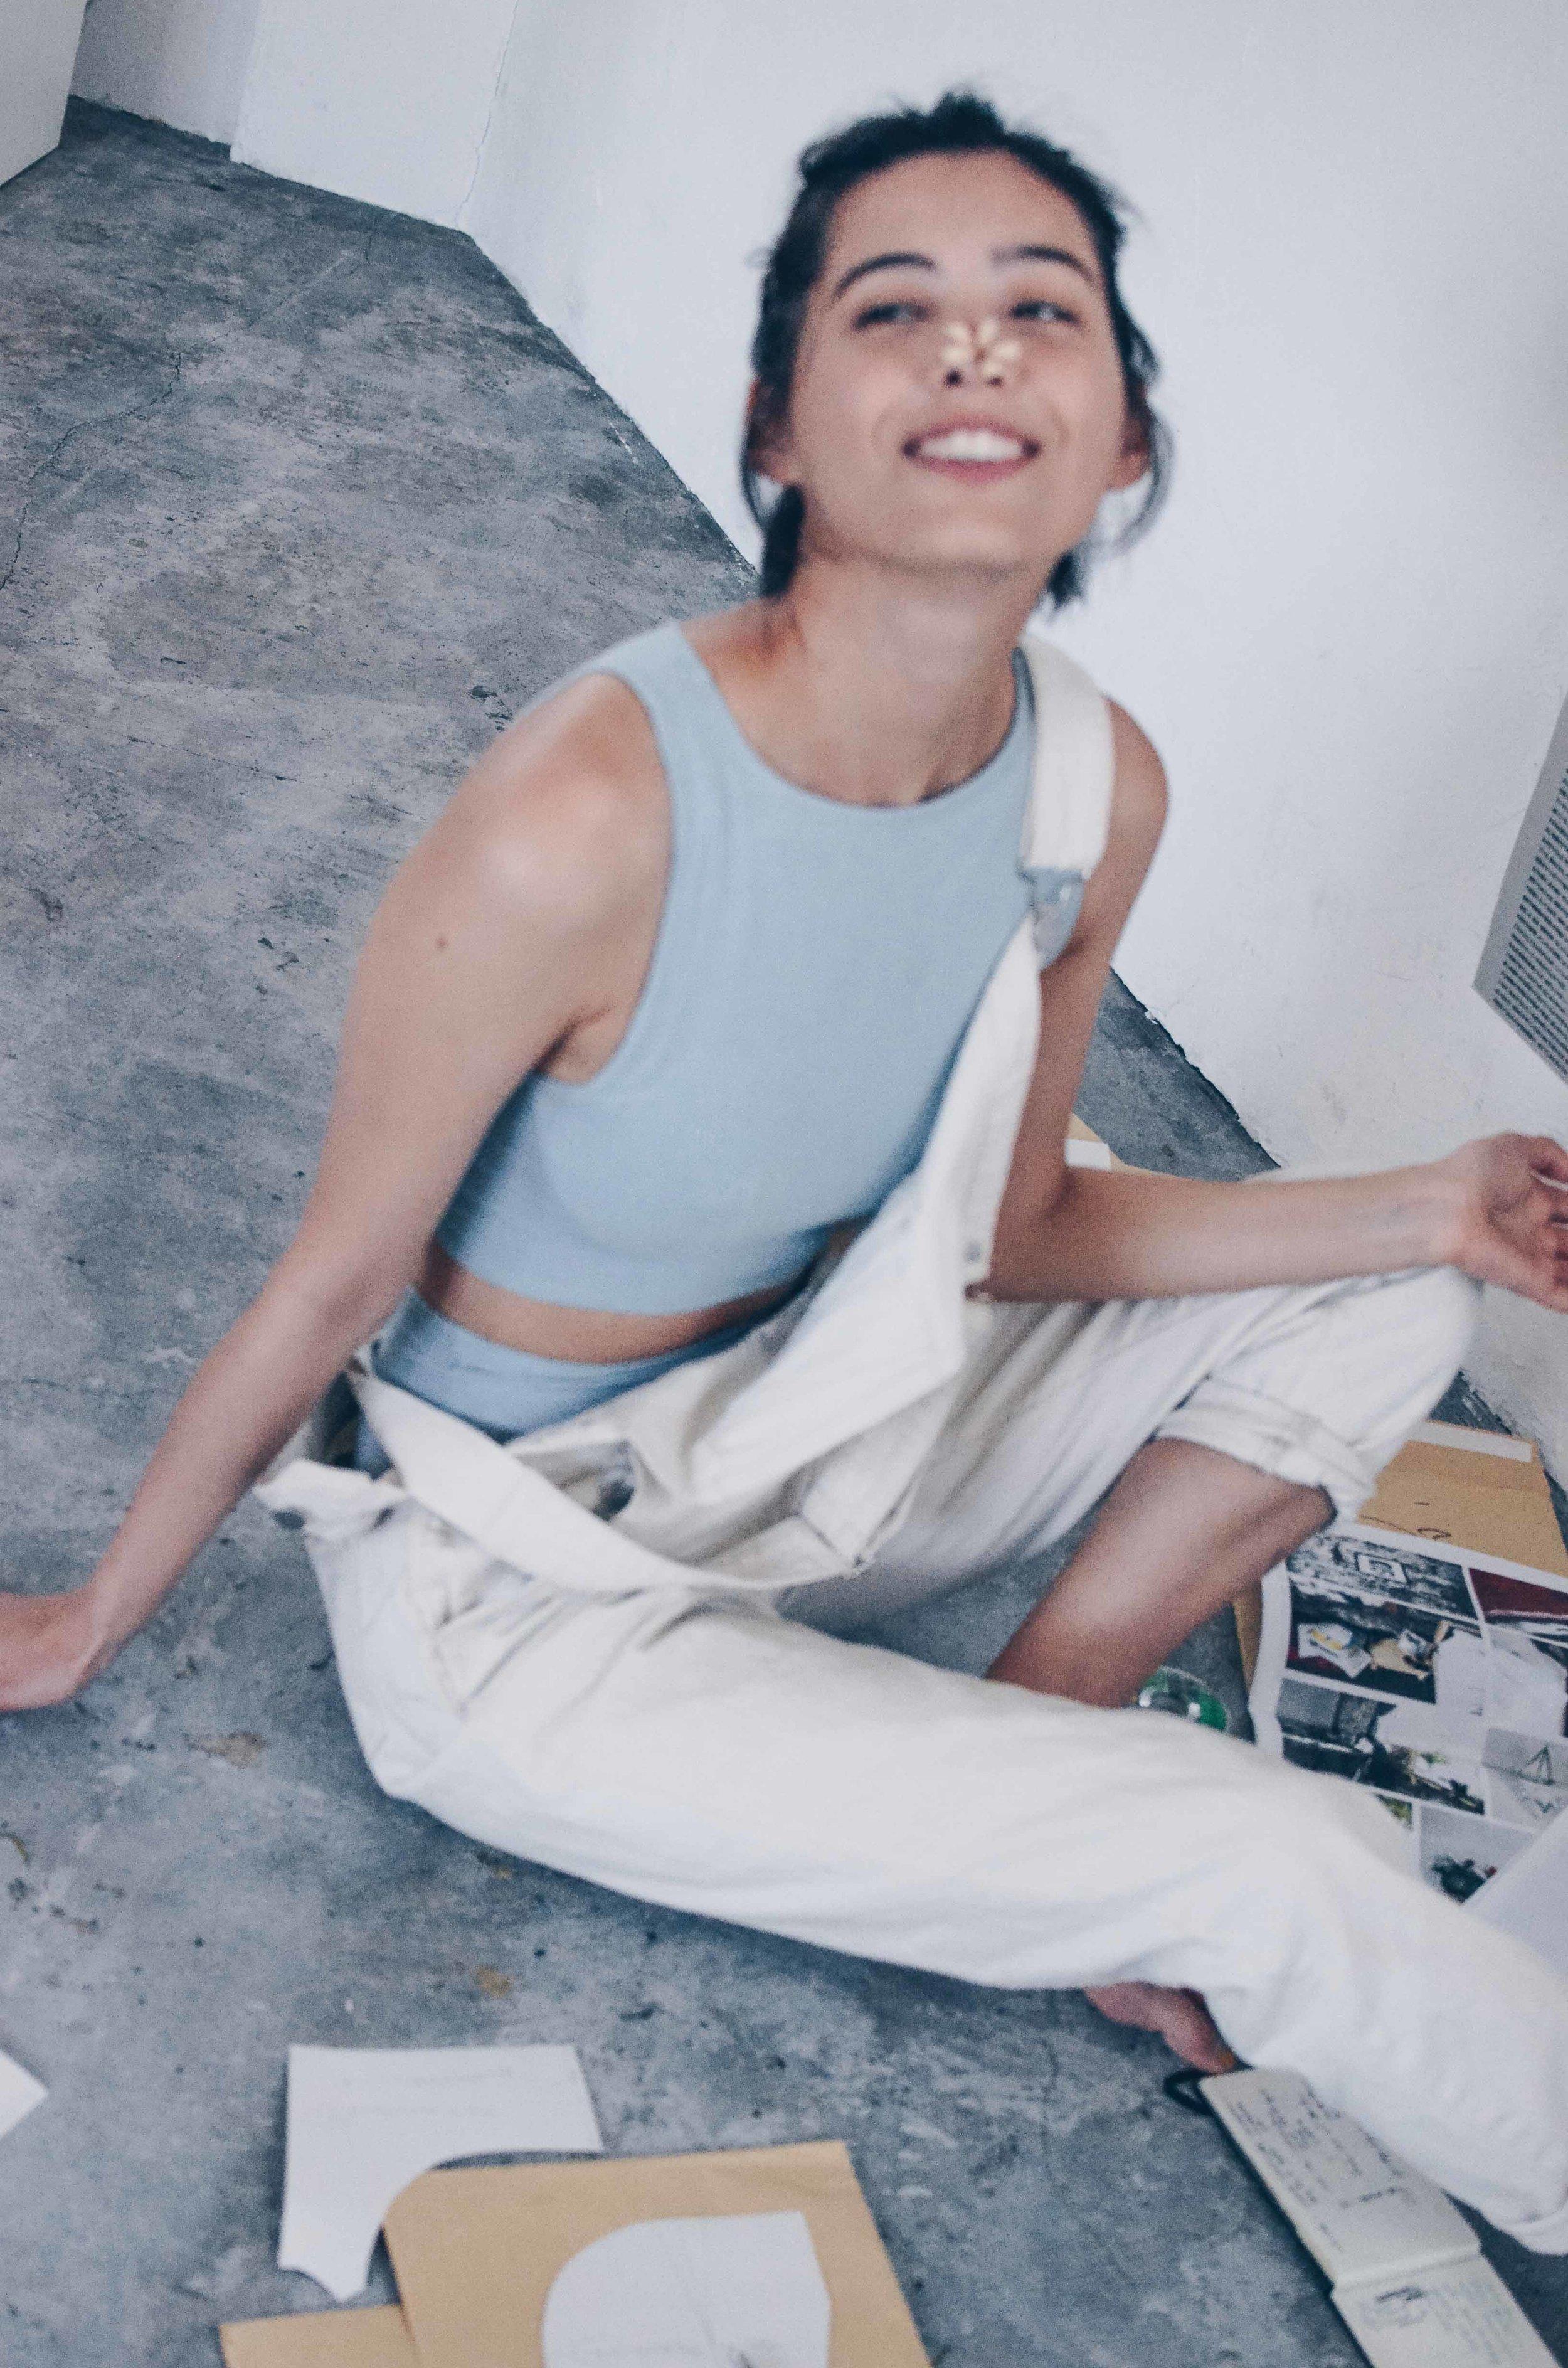 About the Designer - Naomi Sundberg (サンドバーグ直美)1989年生まれ、東京育ちのアメリカと日本のハーフ。 NYパーソンズ、コミュニケーションデザイン学部を卒業。現在ファションモデル、アートディレクターなど多岐に渡り活躍中。1989年生まれ、東京育ちのアメリカと日本のハーフ。 NYパーソンズ、コミュニケーションデザイン学部を卒業。現在ファションモデル、アートディレクターなど多岐に渡り活躍中。